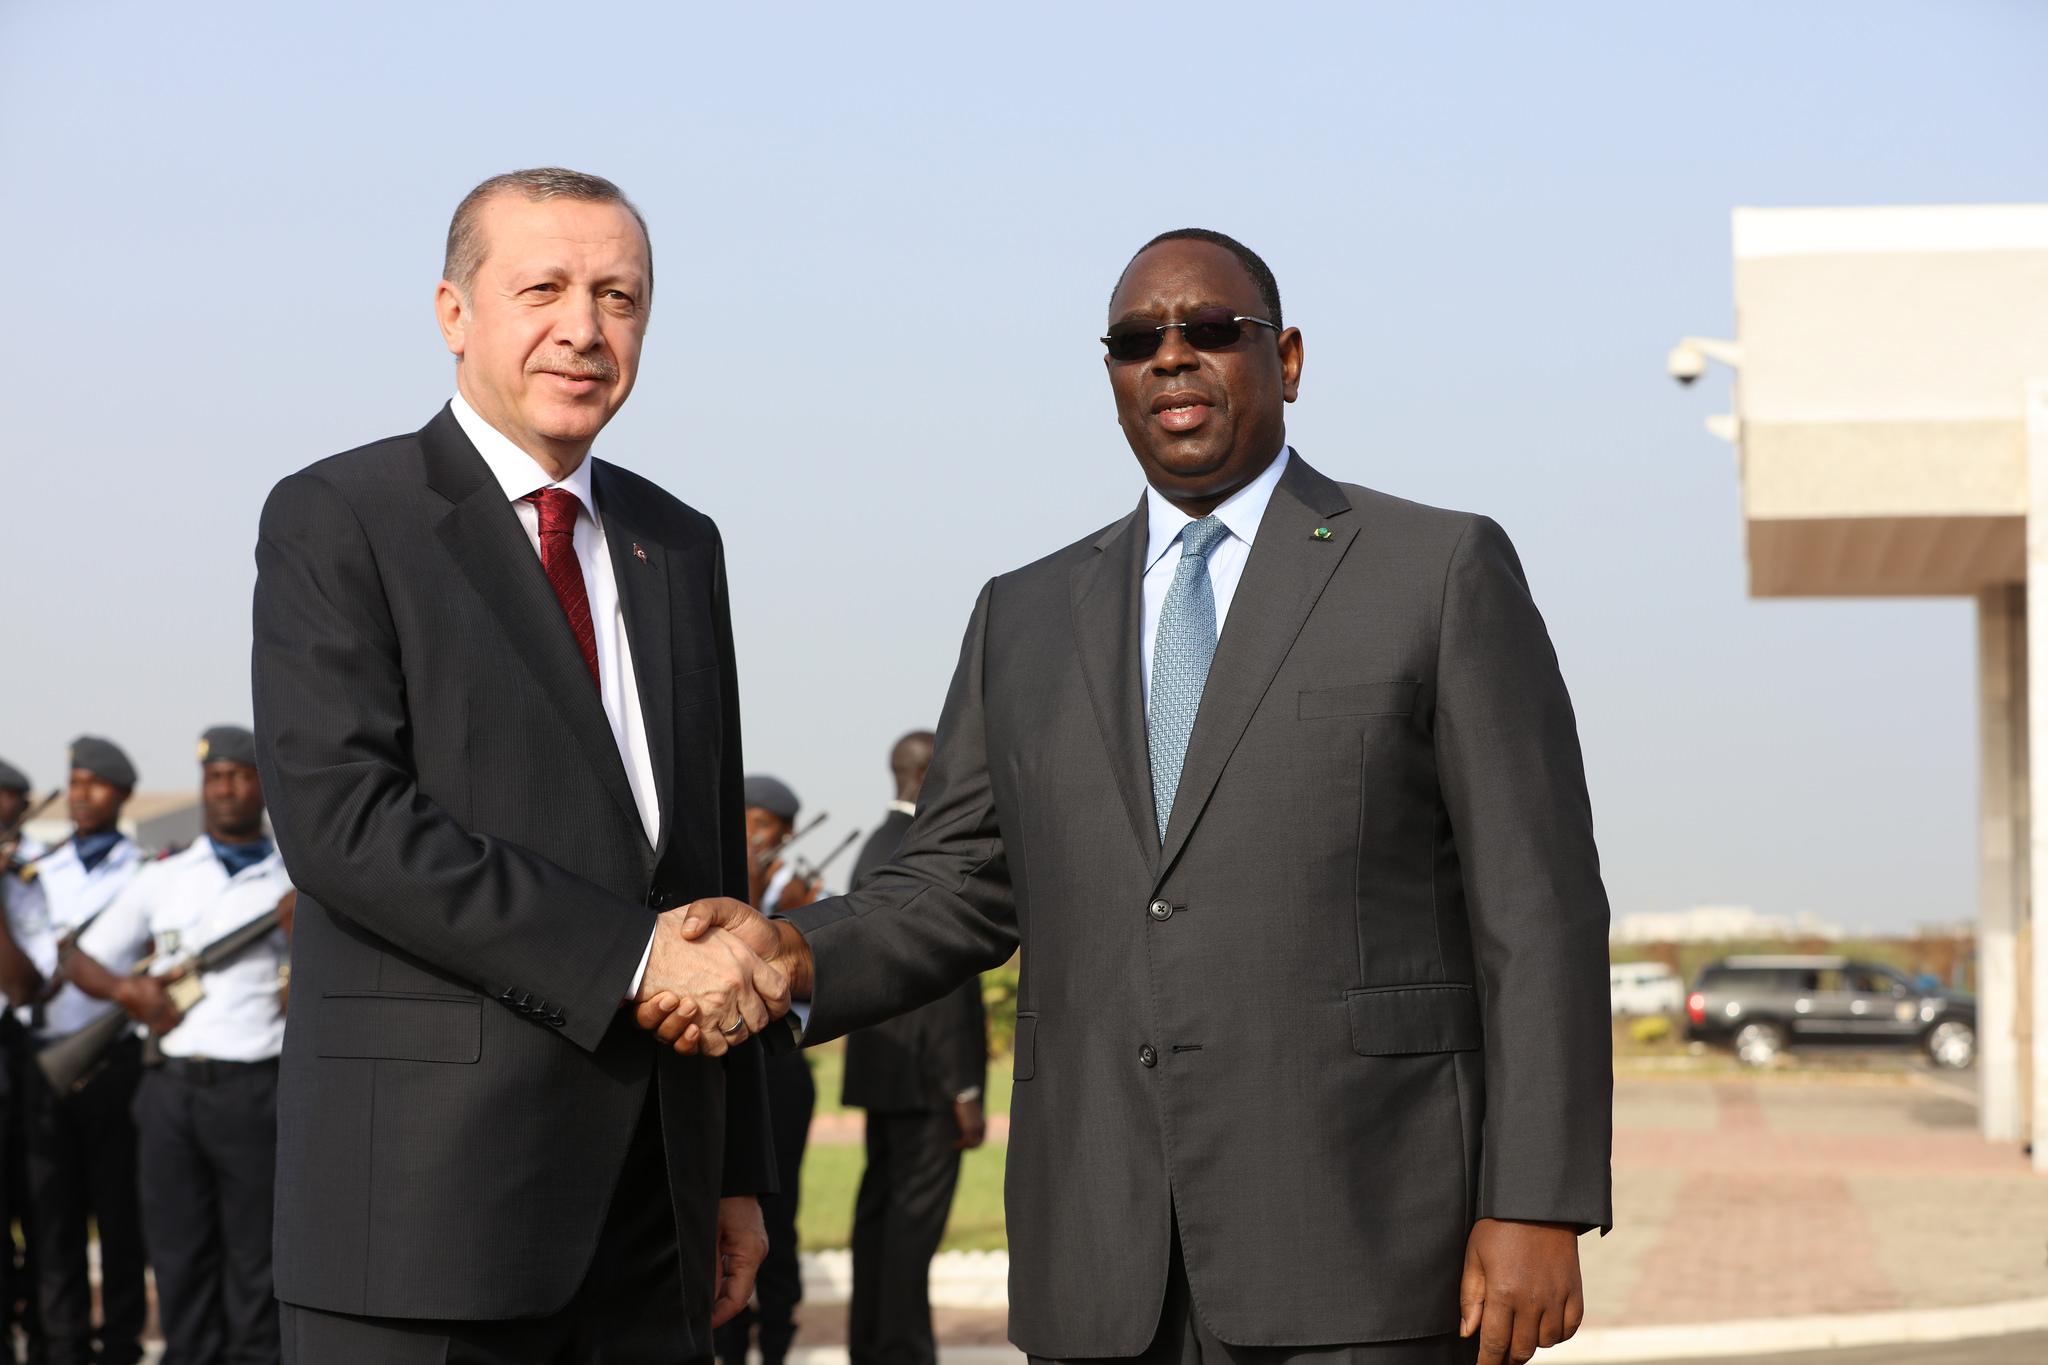 Le Sénégal cède à la pression d'Erdogan — Ecoles Yavuz Selim